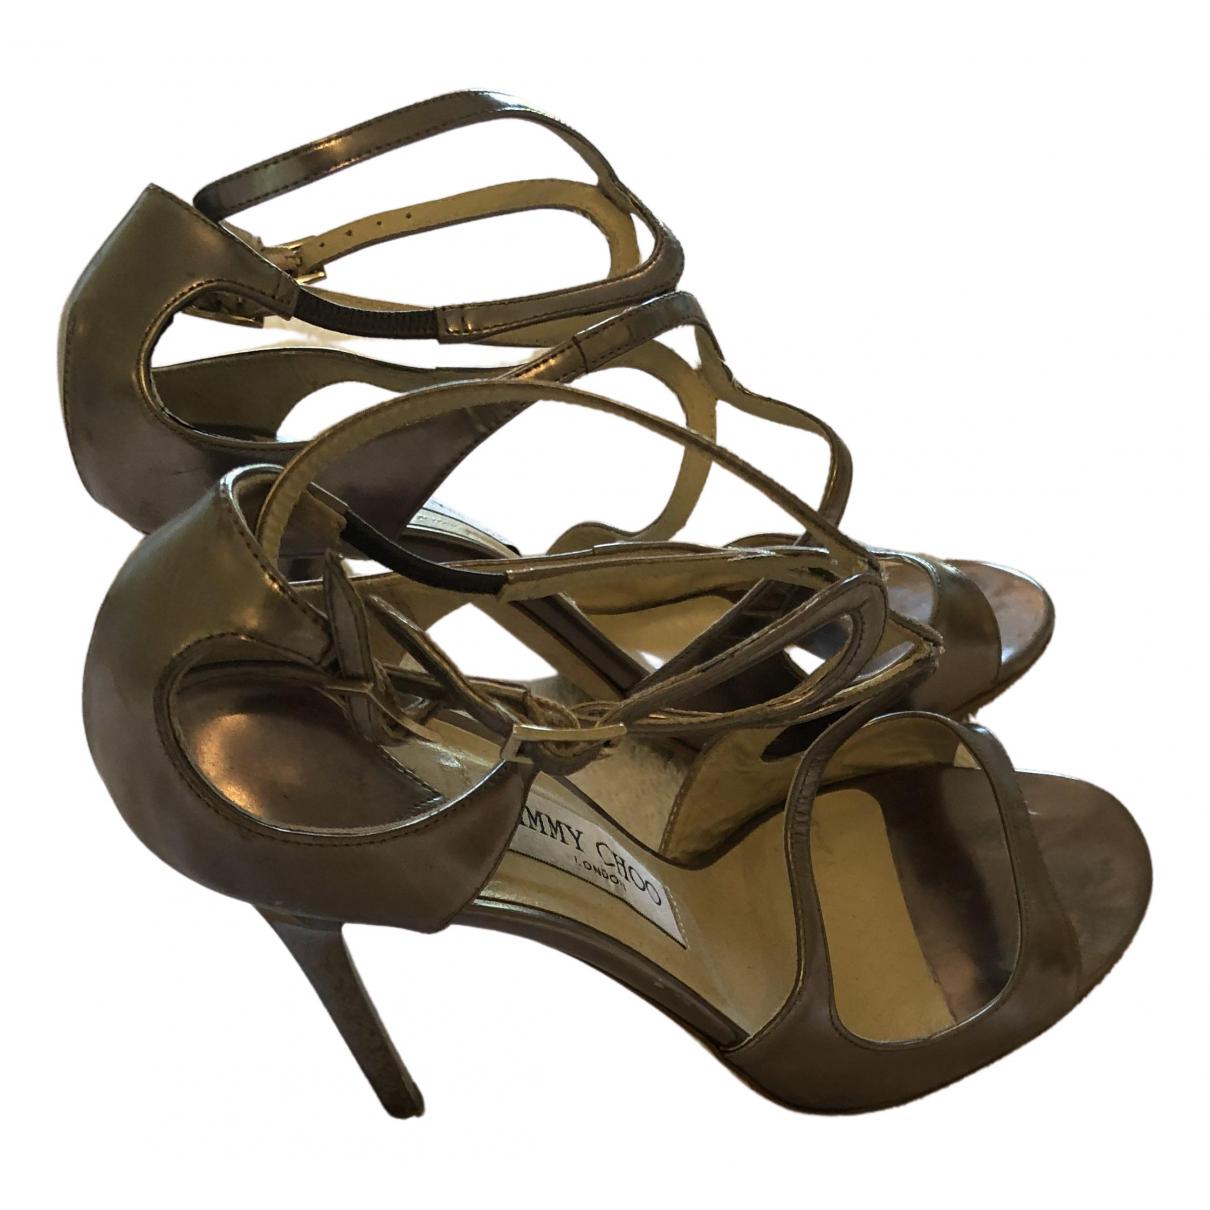 Jimmy Choo - Sandales Lance pour femme en cuir - metallise